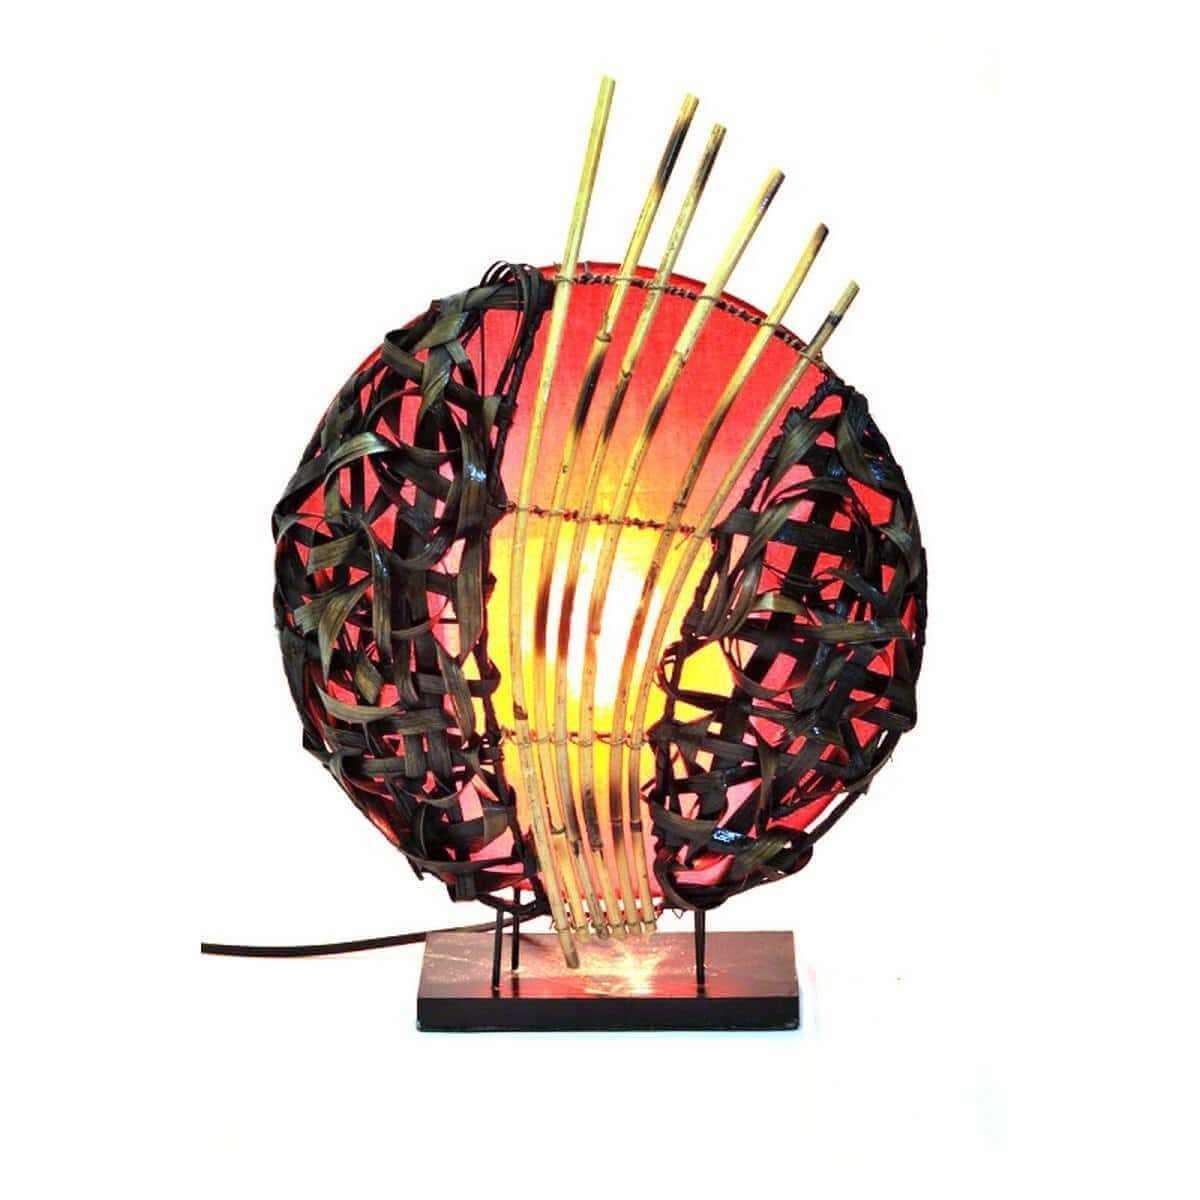 deko leuchte stimmungsleuchte stehleuchte tischleuchte feng shui. Black Bedroom Furniture Sets. Home Design Ideas